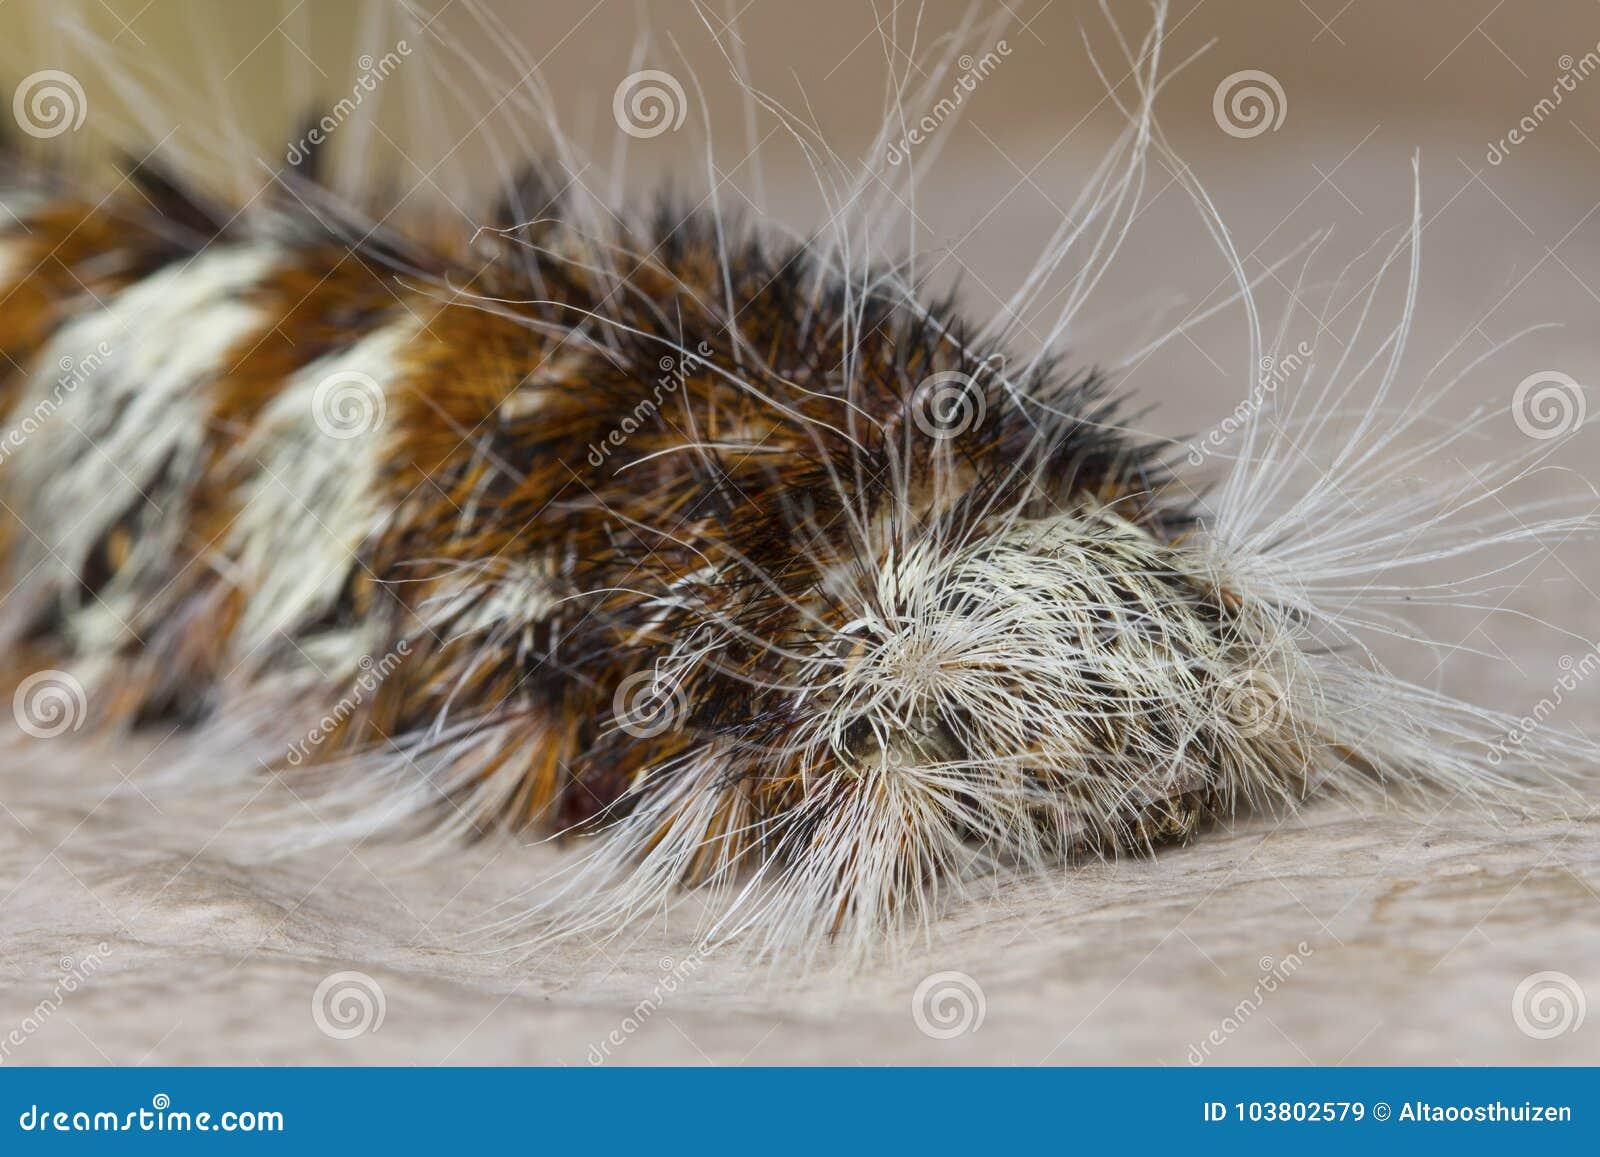 gusano marrón